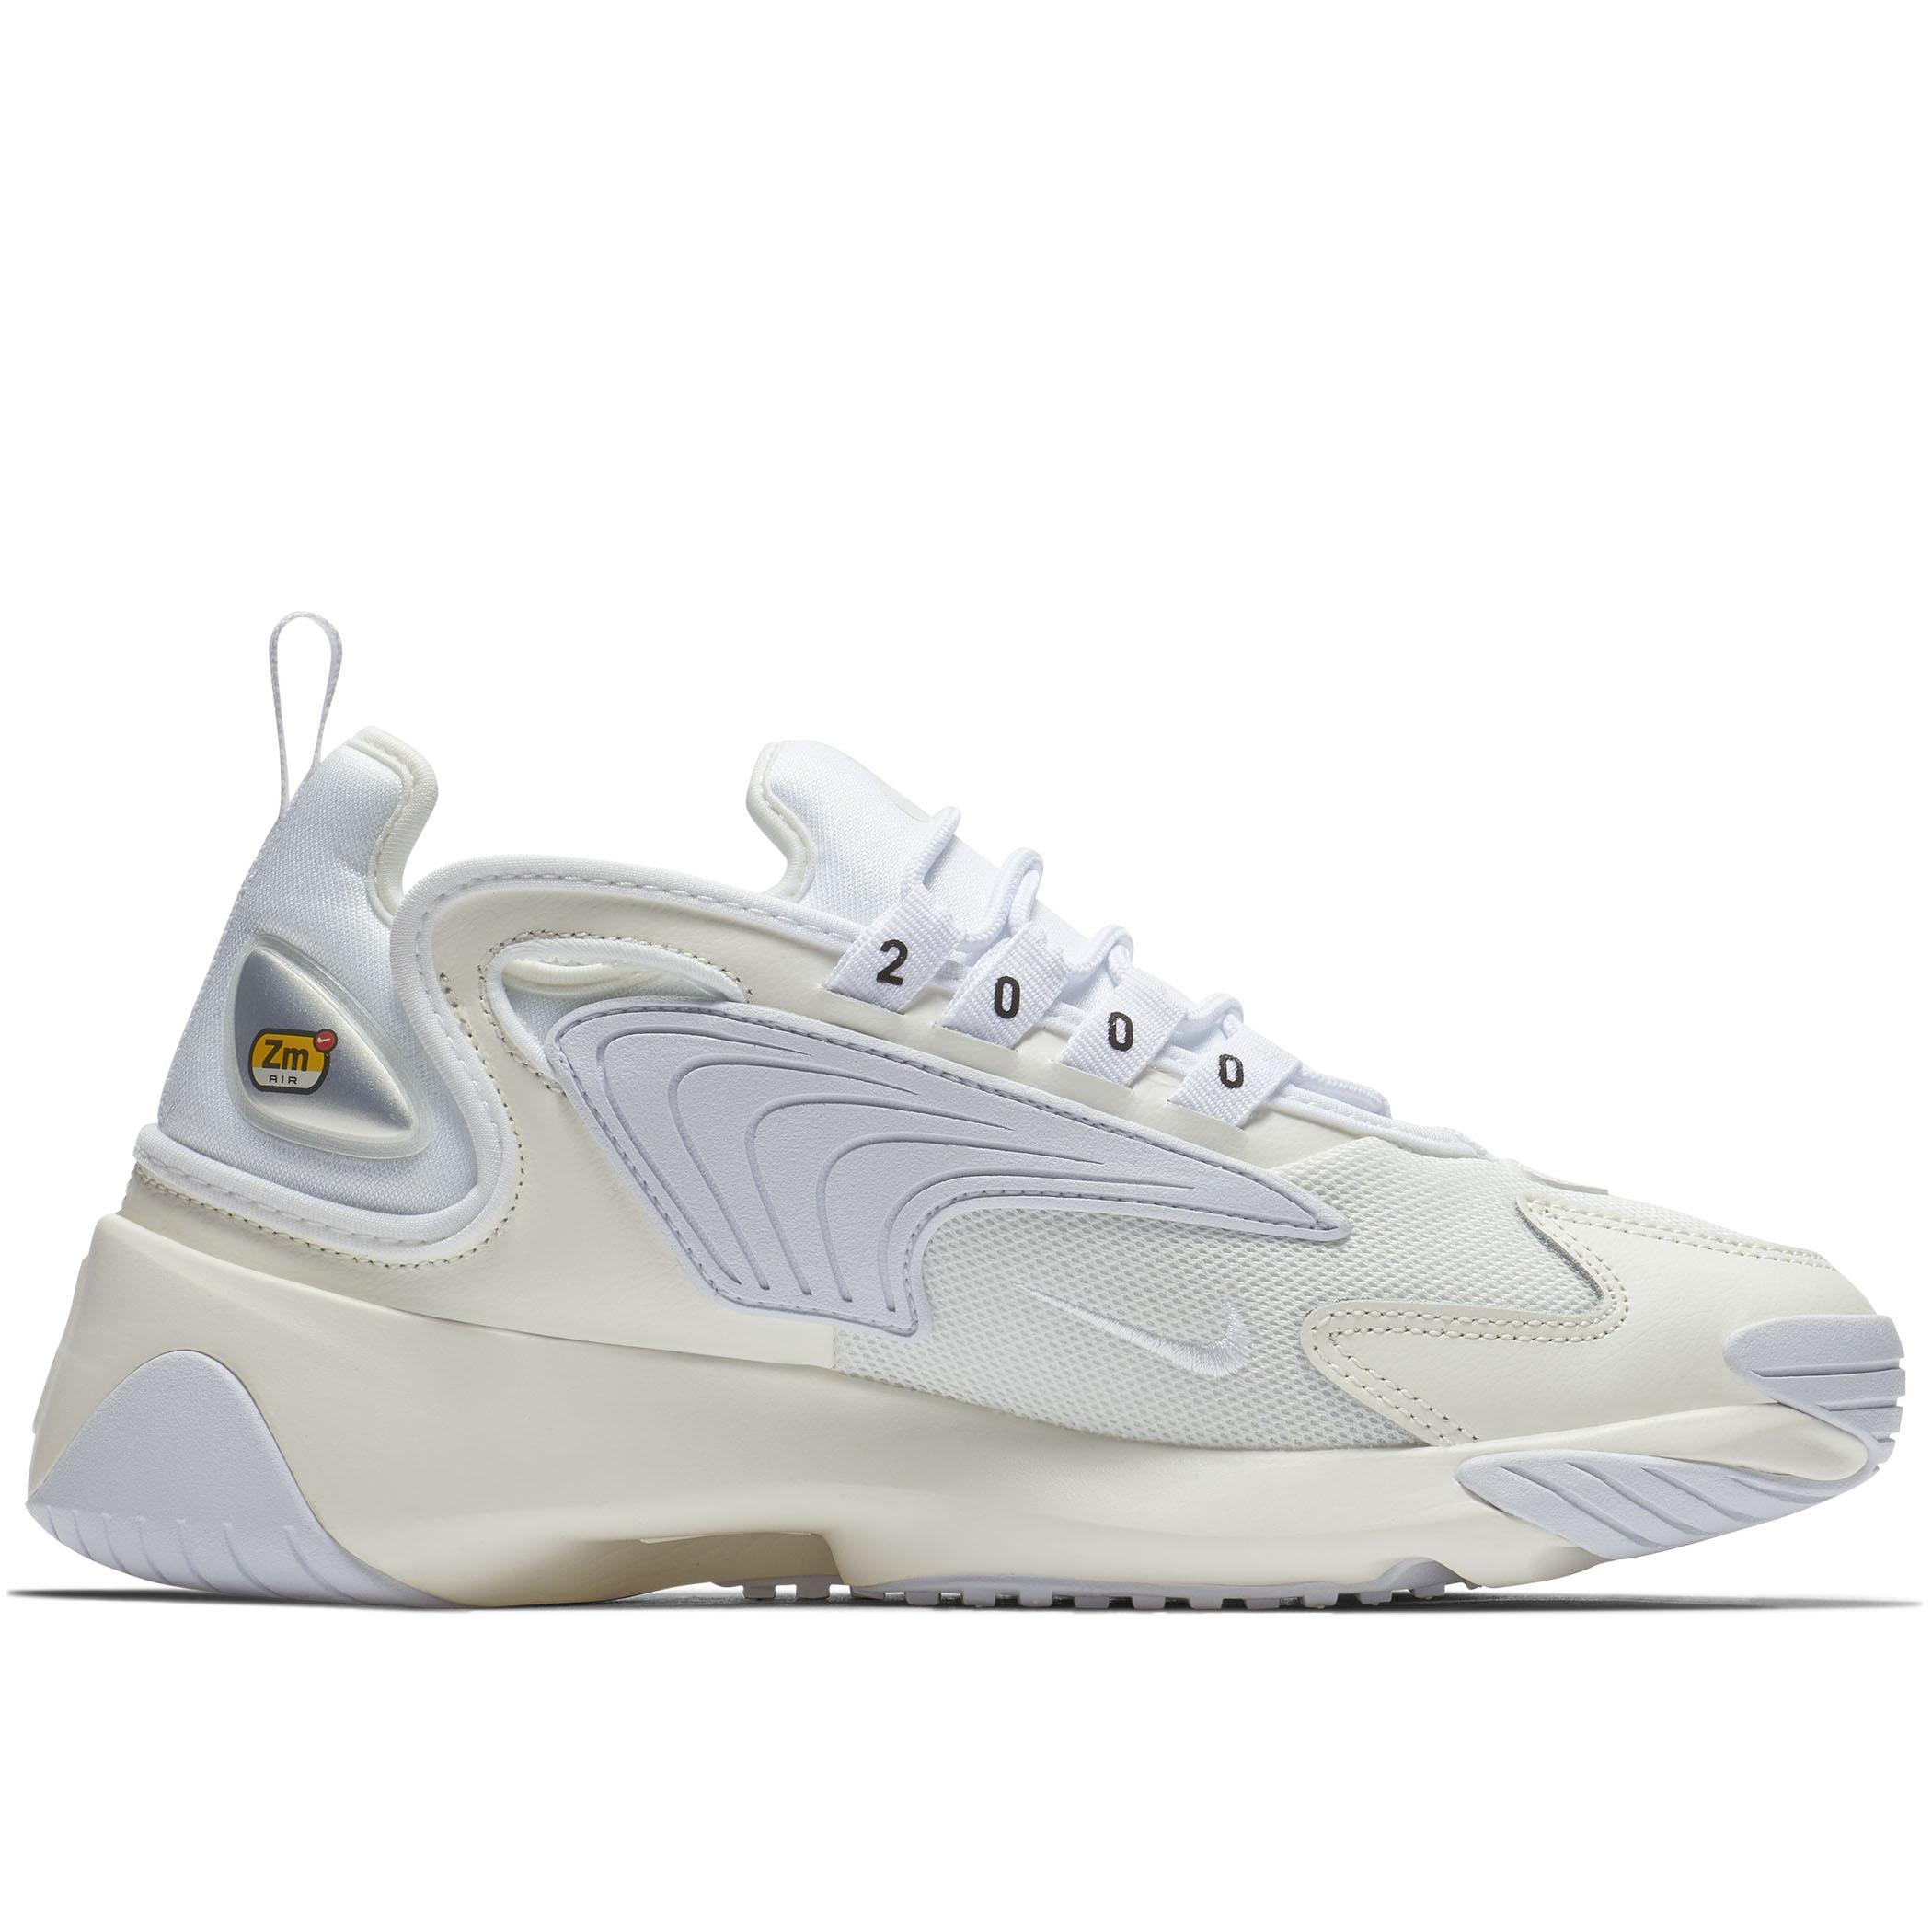 2948856a Кроссовки Zoom 2K от Nike (AO0354-101) - продажа, цена, фото, описание